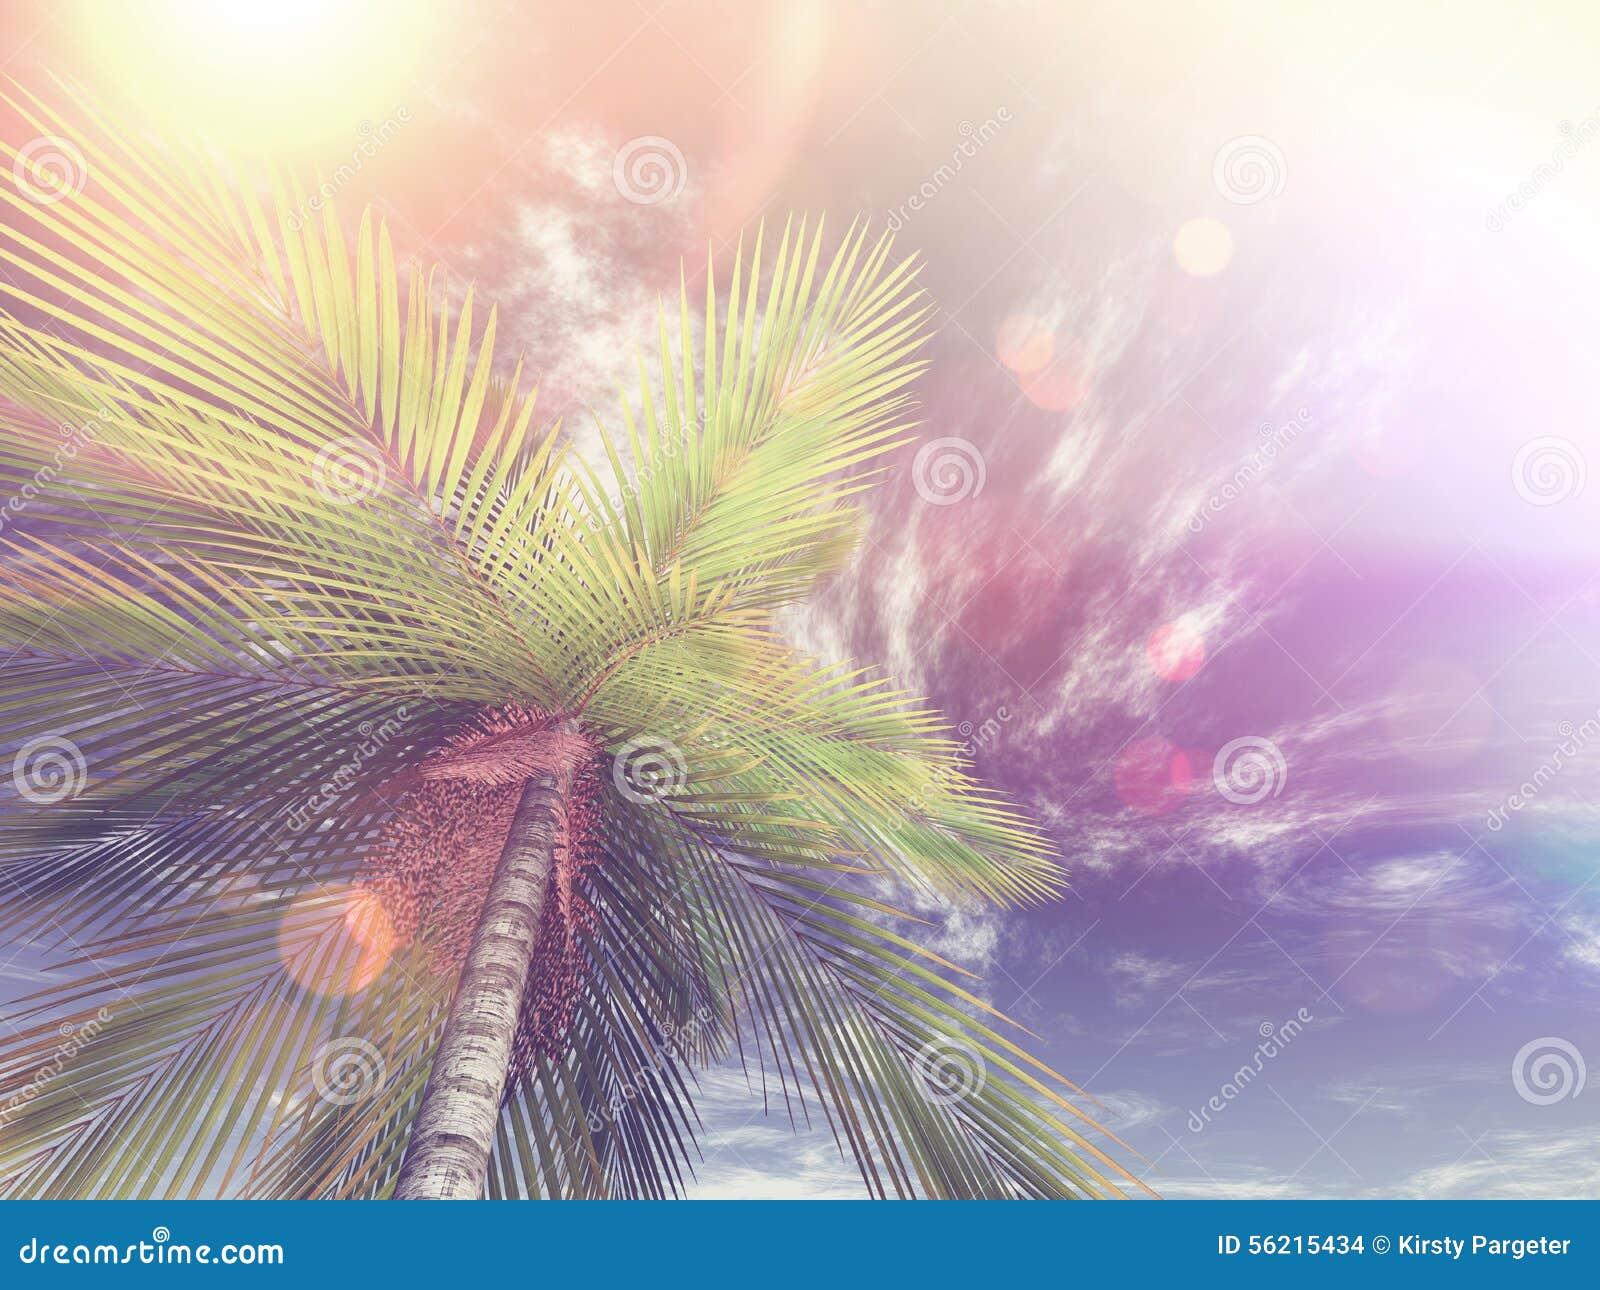 Bild 3D von eine Palme in Richtung zum Himmel oben schauen